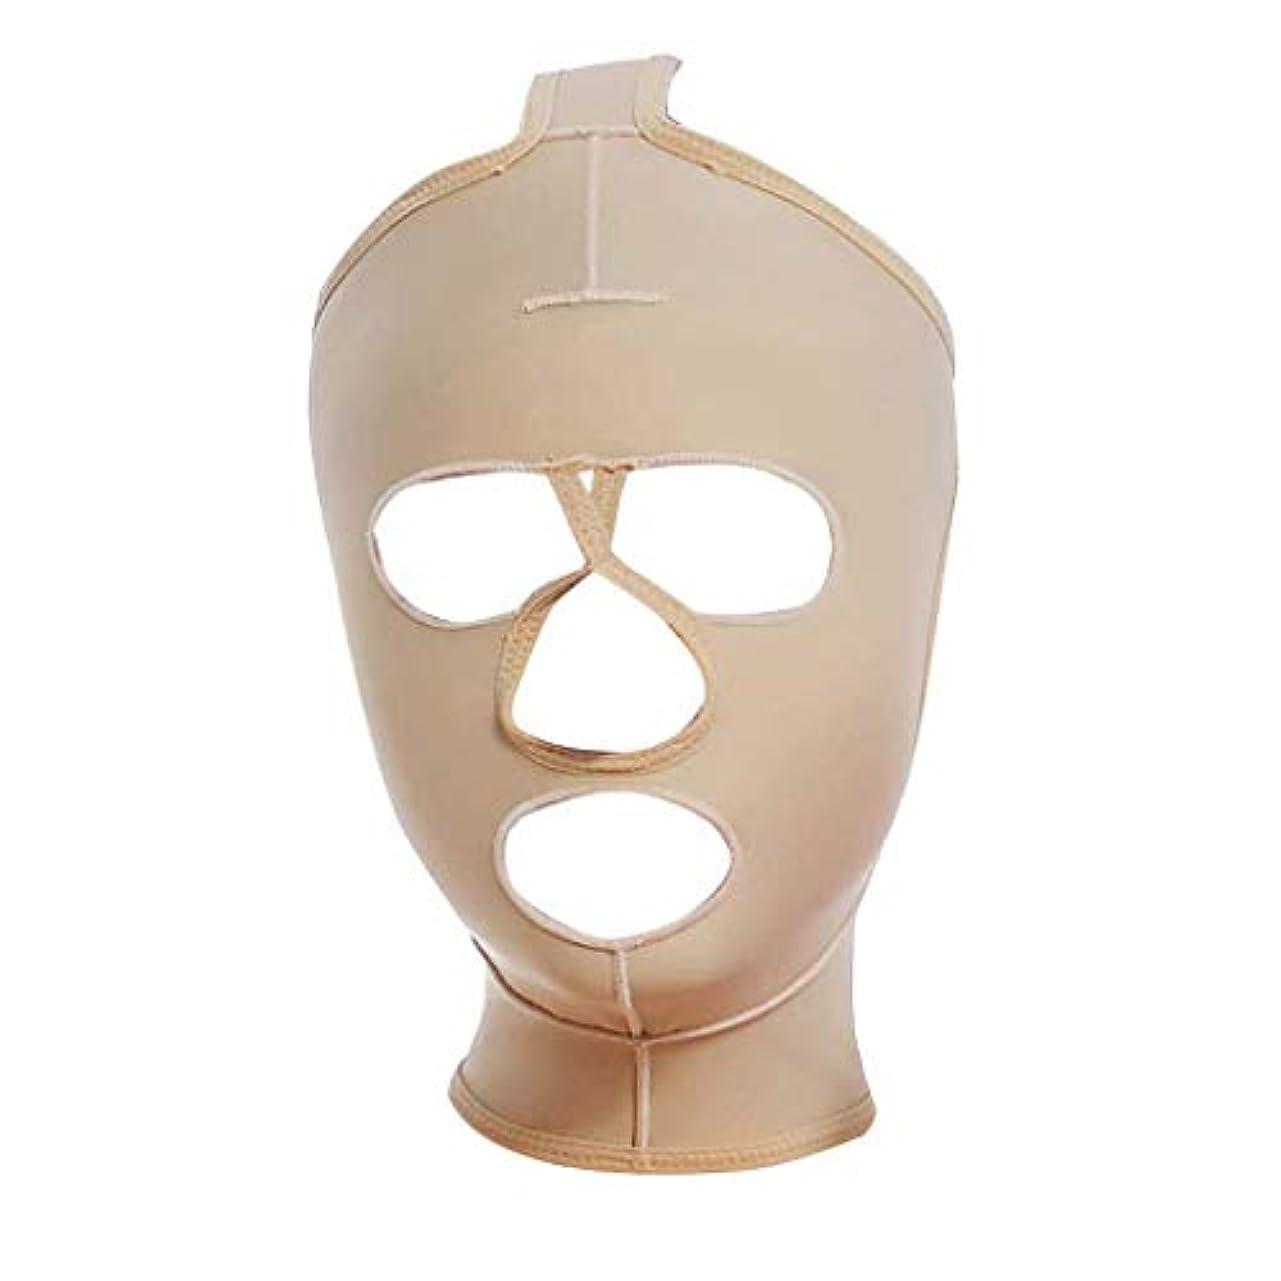 スロベニア夜明け固有のフェイス&ネックリフト、減量フェイスマスク脂肪吸引術脂肪吸引術整形マスクフードフェイスリフティングアーティファクトVフェイスビームフェイス弾性スリーブ(サイズ:XXL),XS